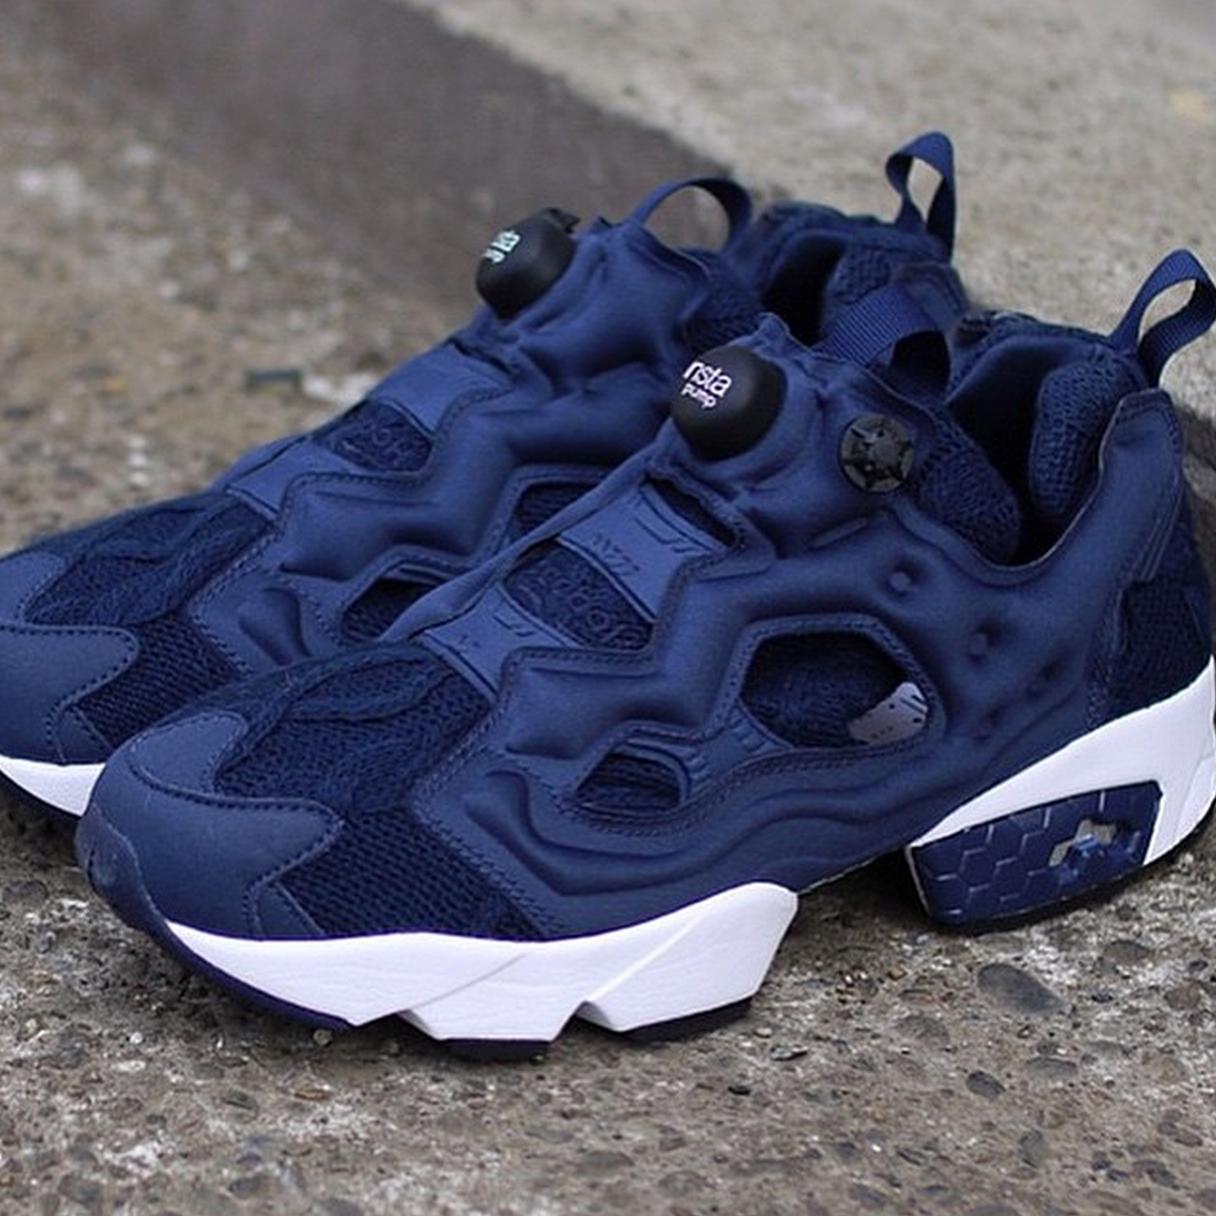 mita-sneakers-reebok-instapump-fury-1 ...